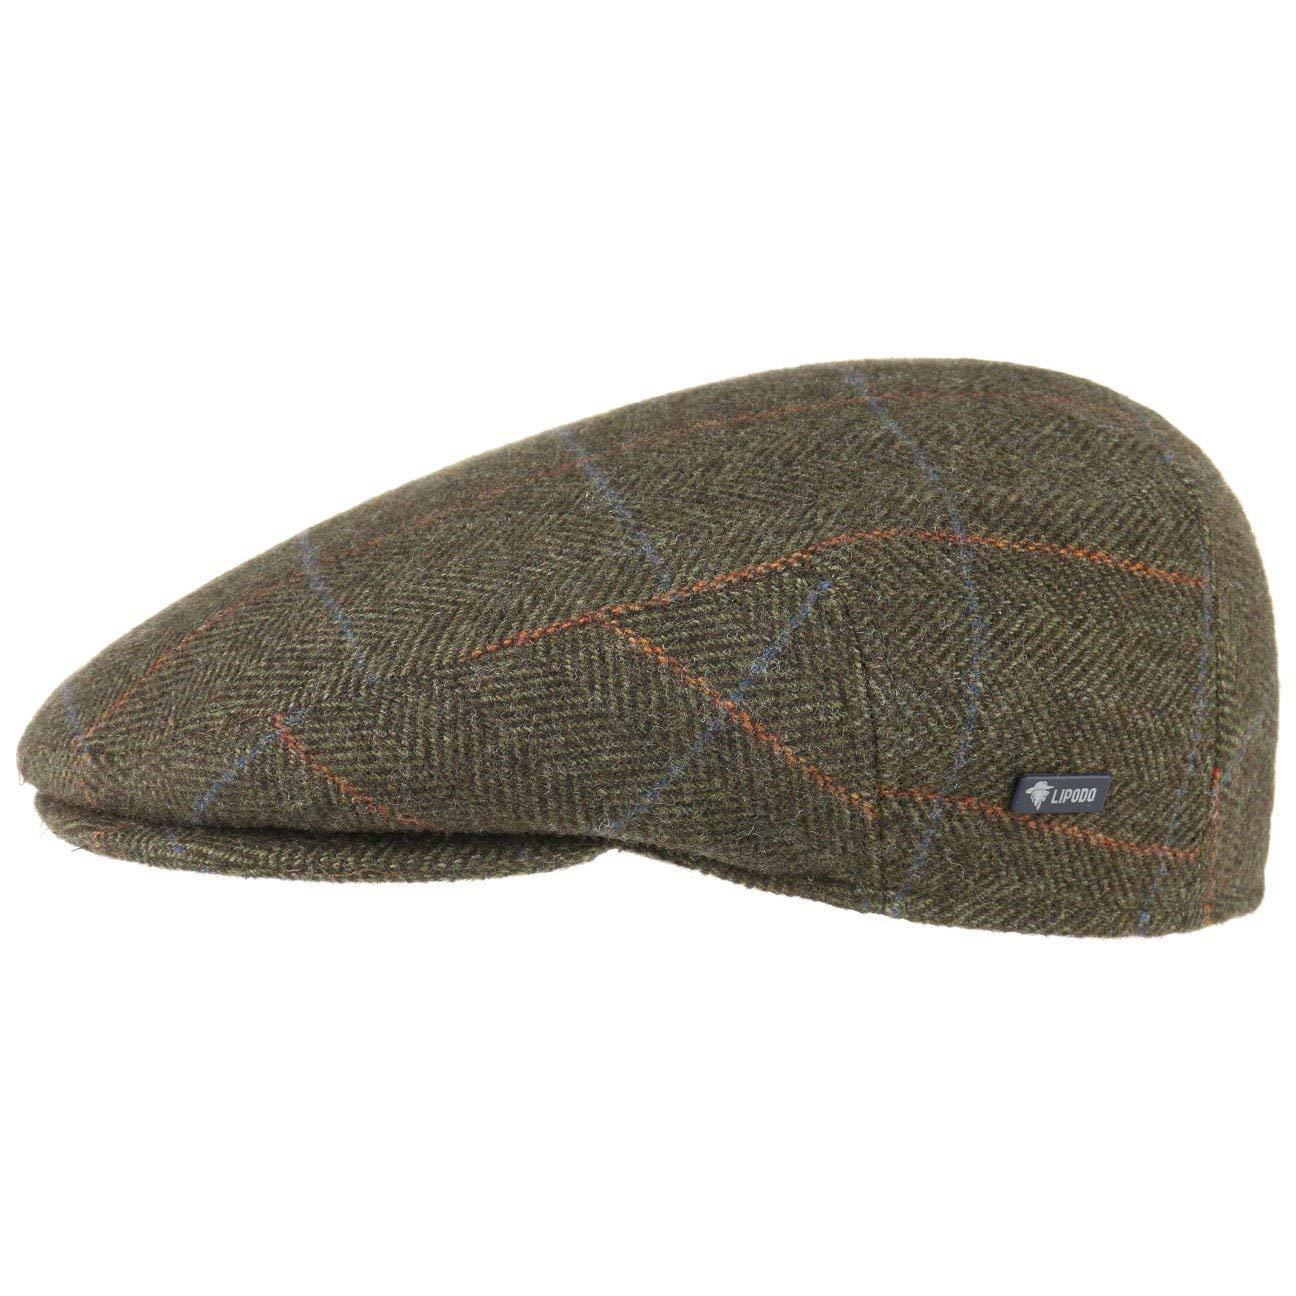 TWEED WOOL FLAT CAP BLACK BIEIGE BROWN 58 59 60 61 CM